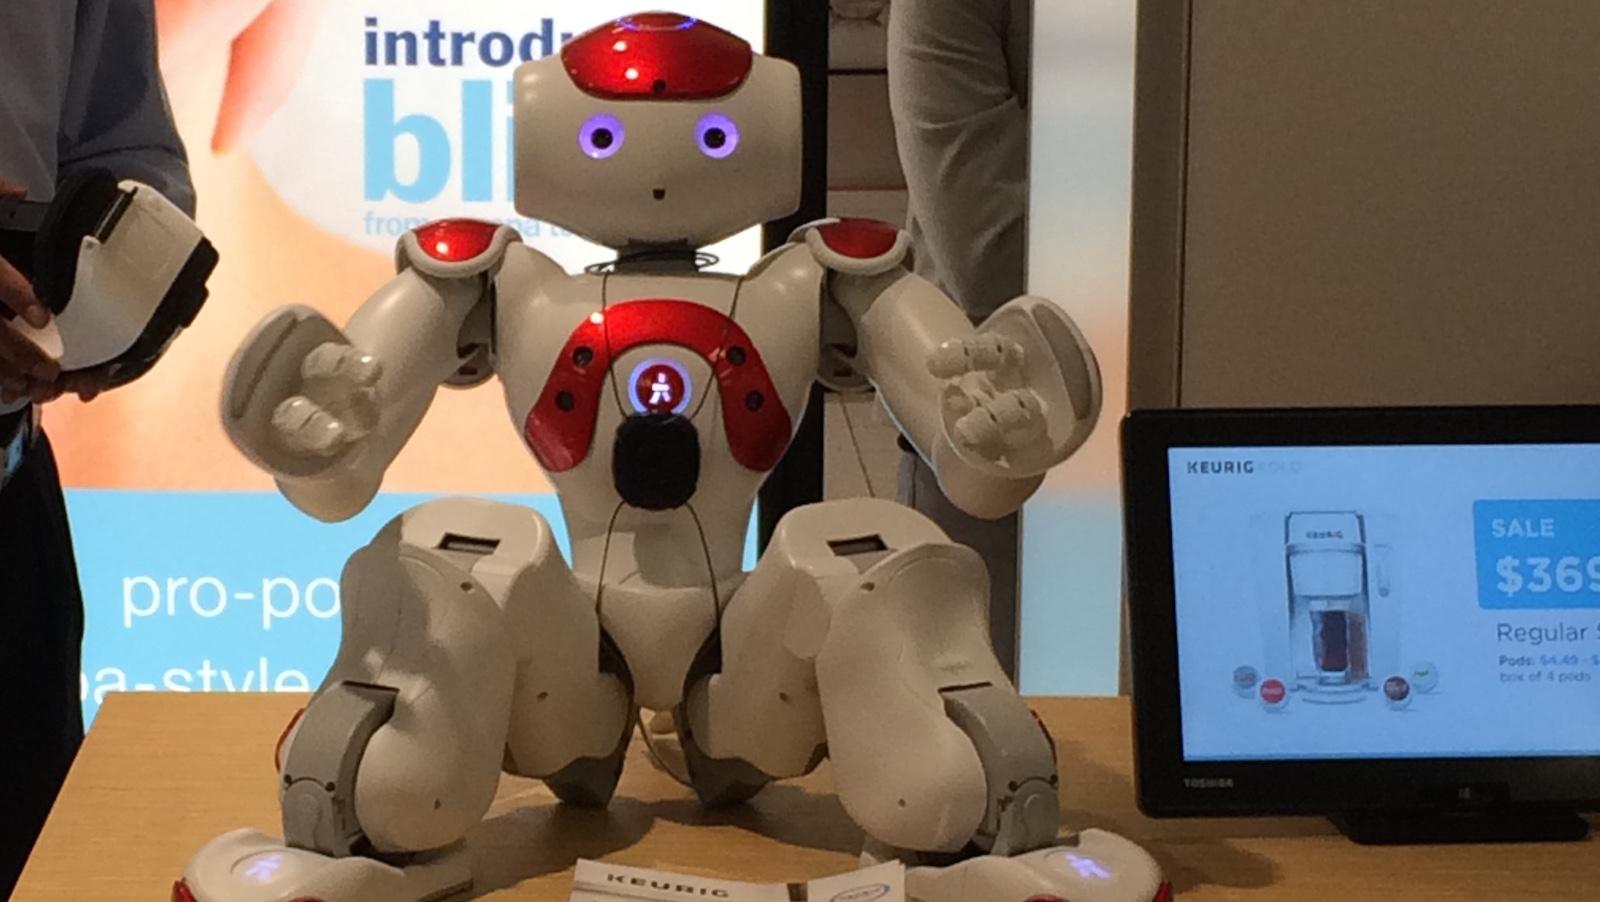 kohls_robot